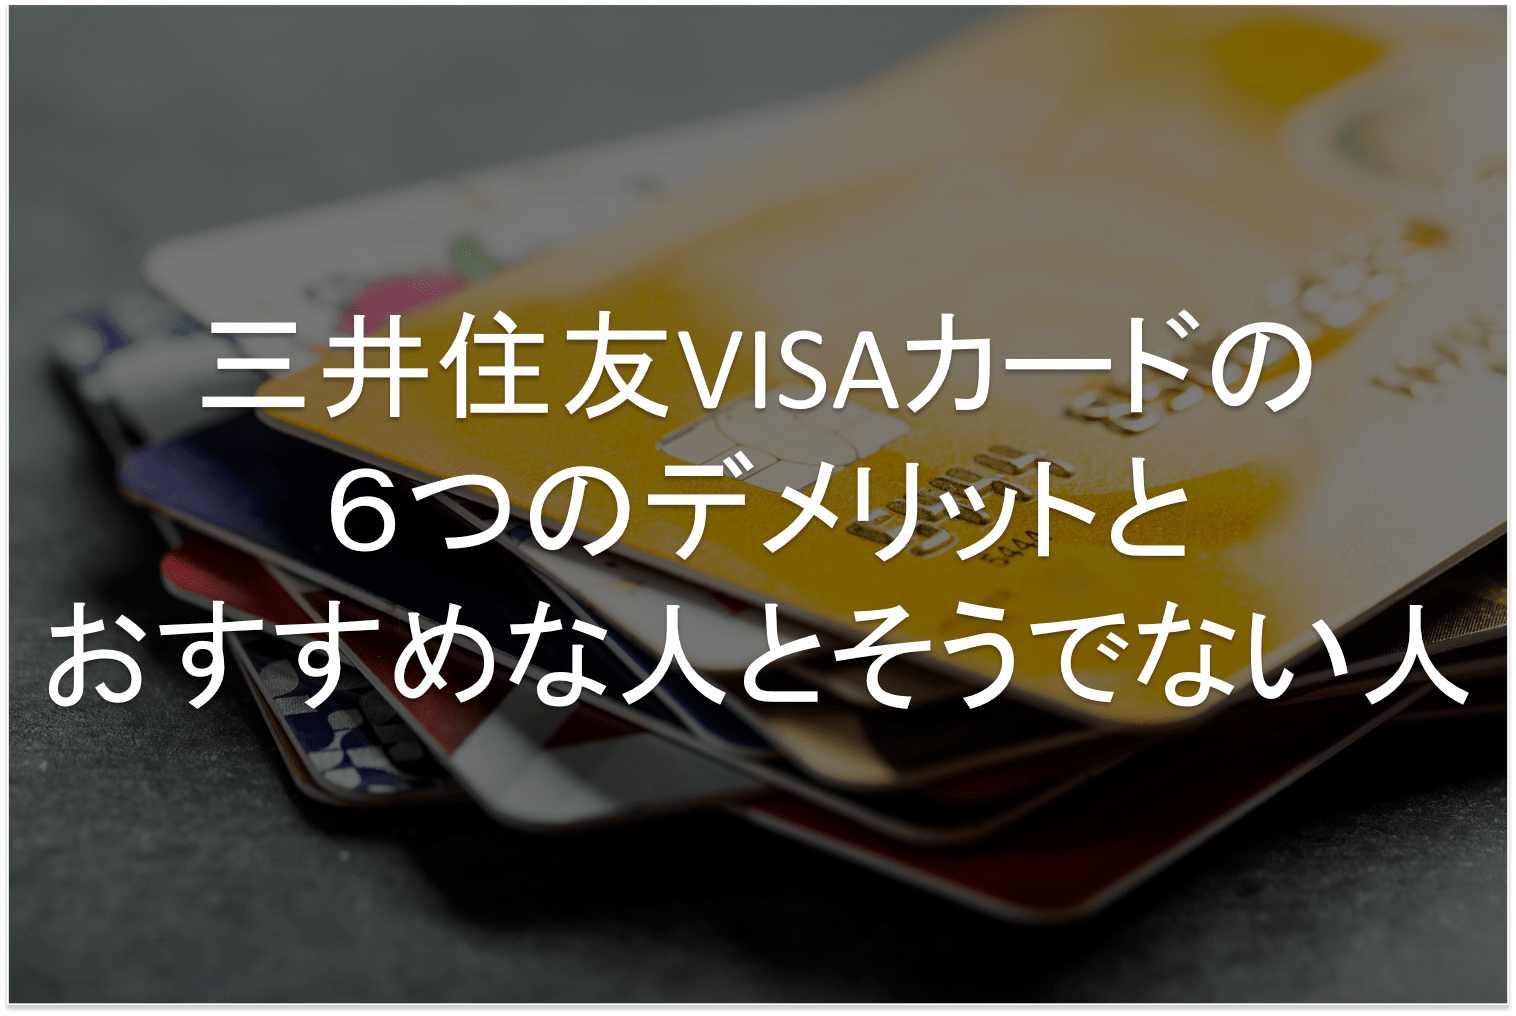 三井住友VISAカード デメリット